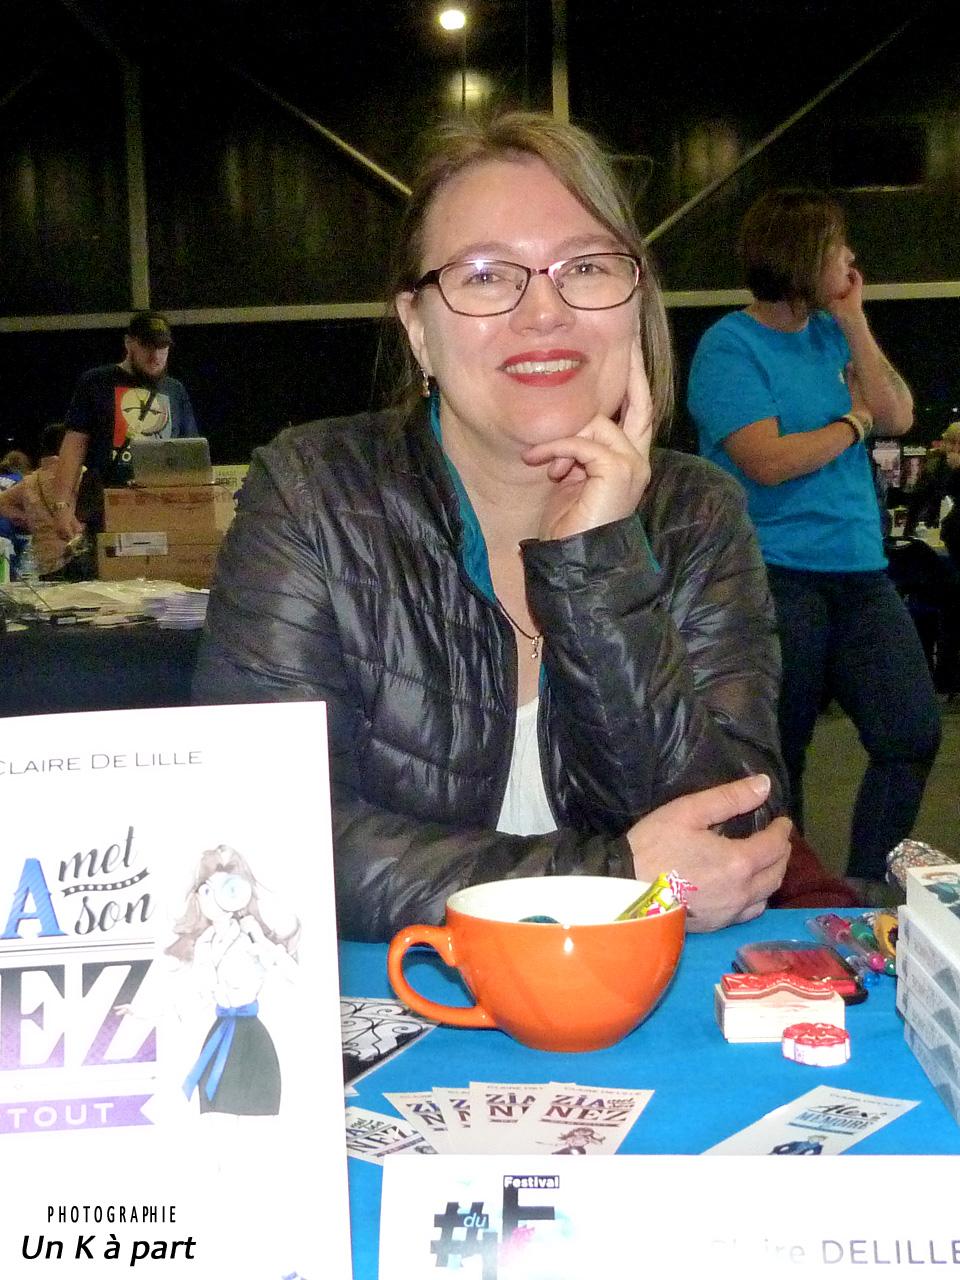 Festival du livre romantique Claire Delille